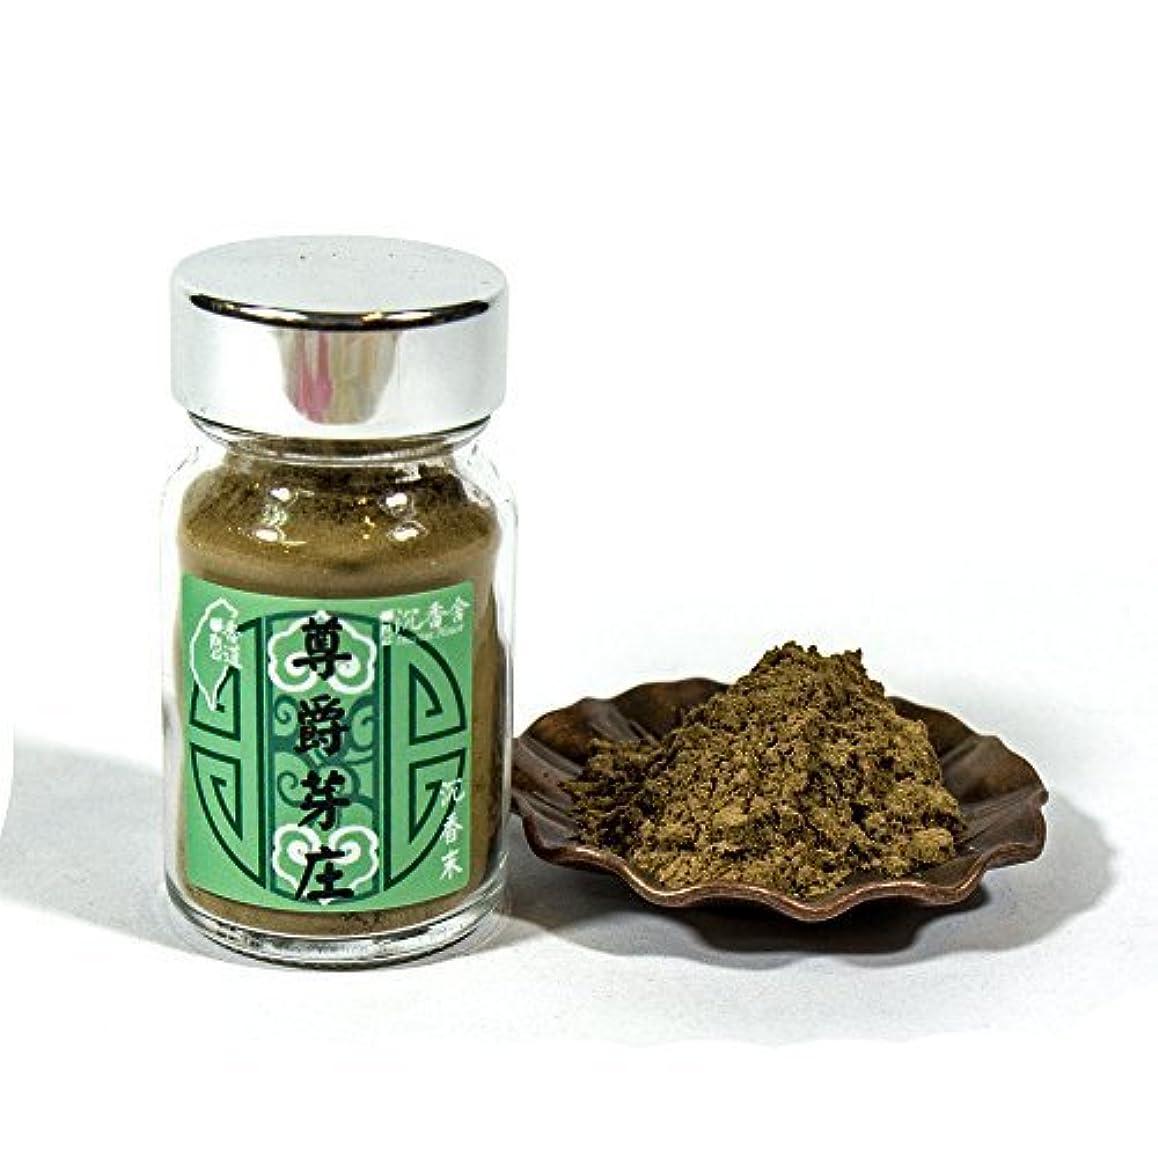 フェローシップ地図植生Agarwood Aloeswood Top Grade Old Stock NhaTrang Chen Xiang Incense Powder 10g by IncenseHouse - Raw Material [...